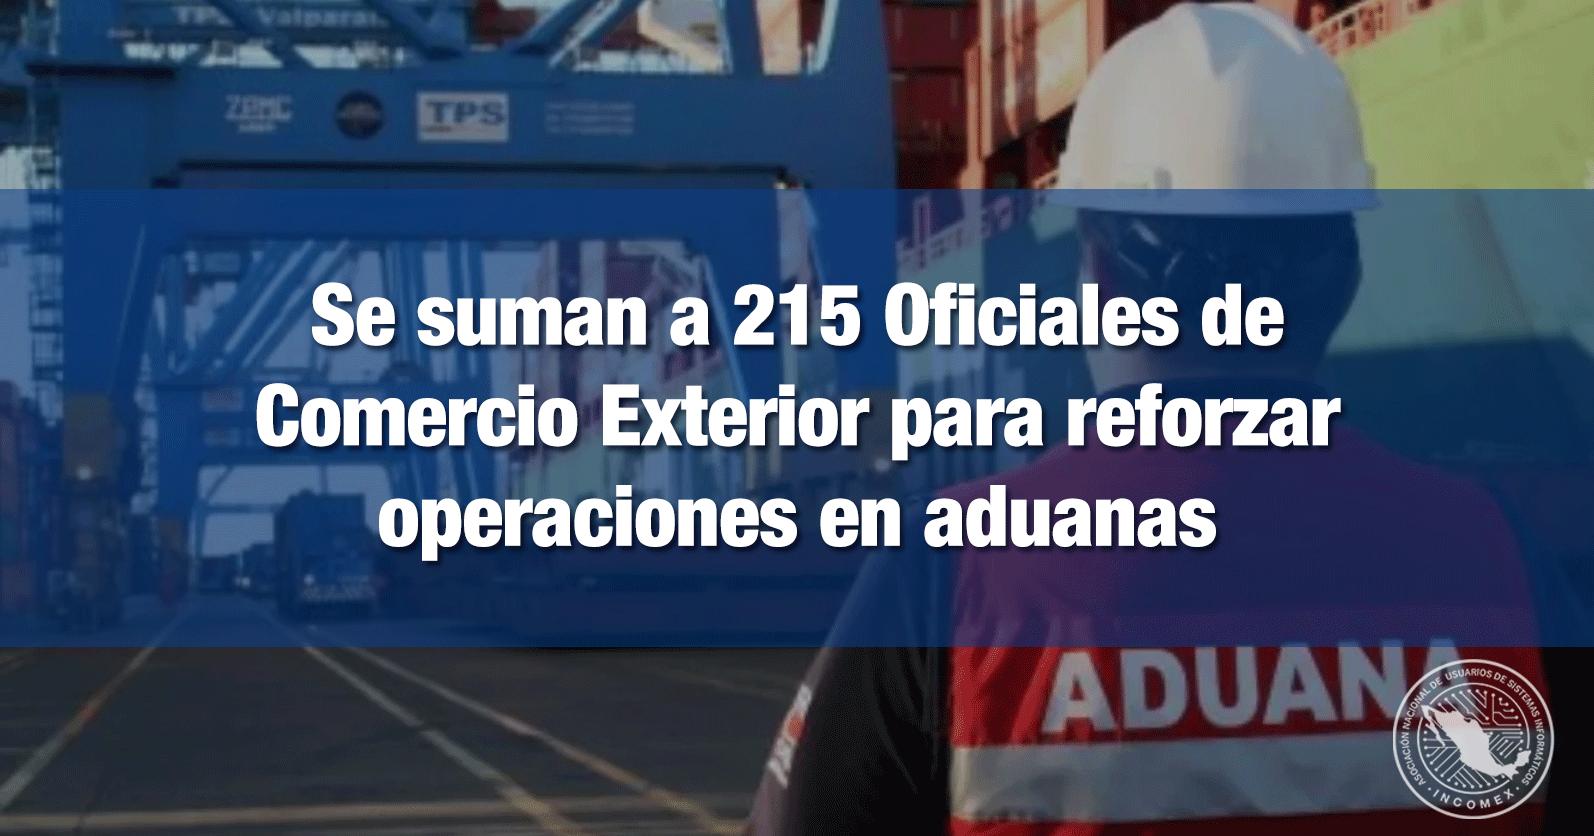 Aduanas suma a 215 Oficiales de Comercio Exterior para reforzar operaciones